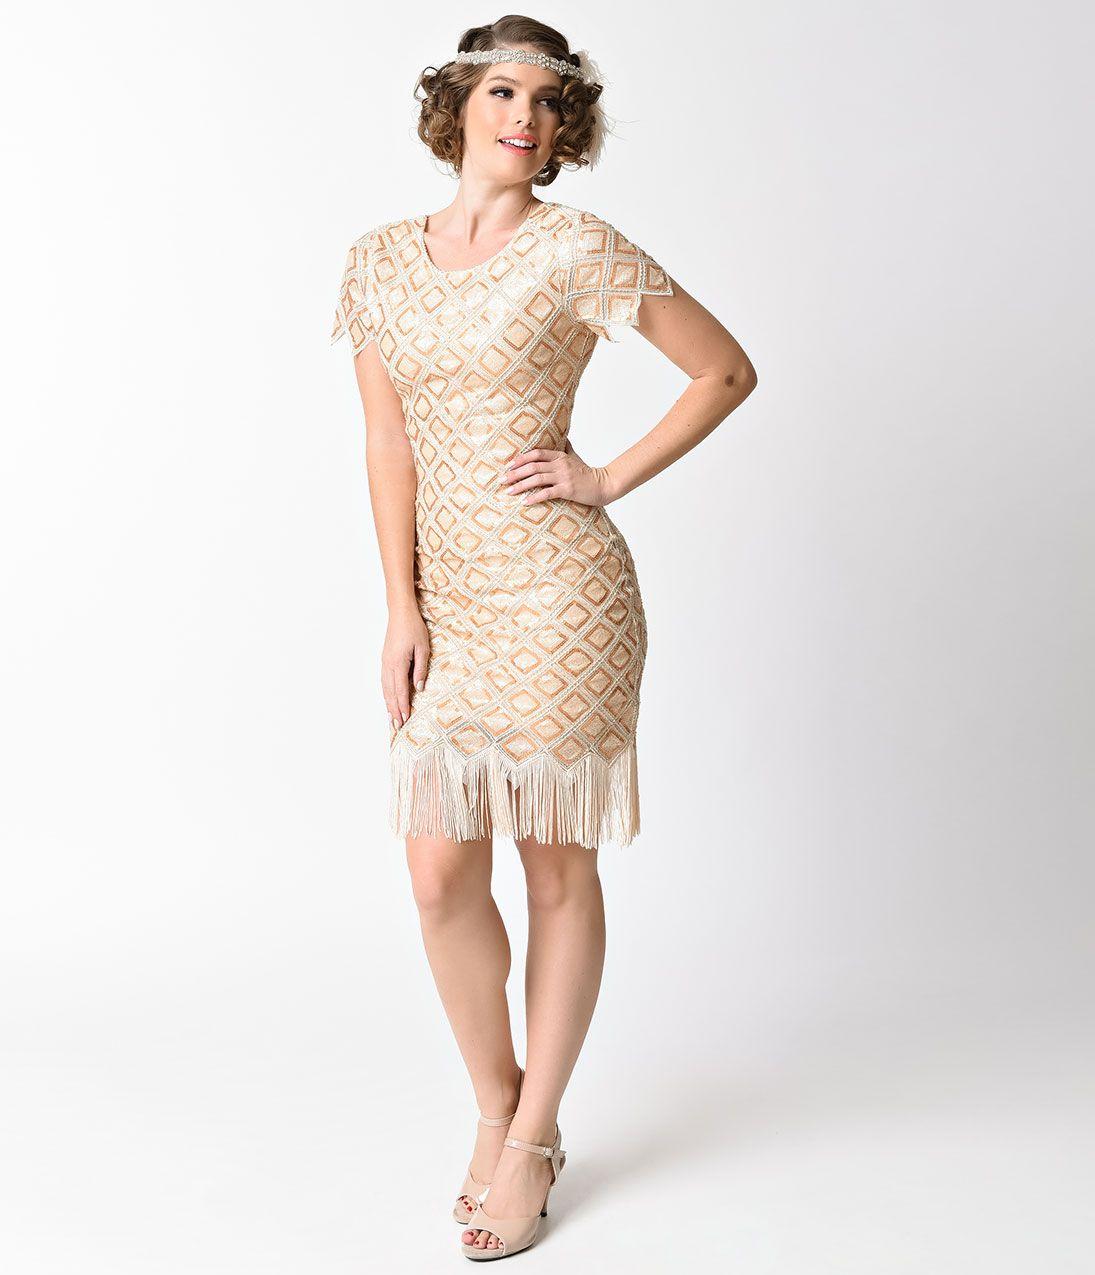 62ebbff059a Verty Gold Champagne Sequin Lattice Cap Sleeve Fringe 1920s Flapper Dress  Size L  78.00 AT Vintagedancer.com